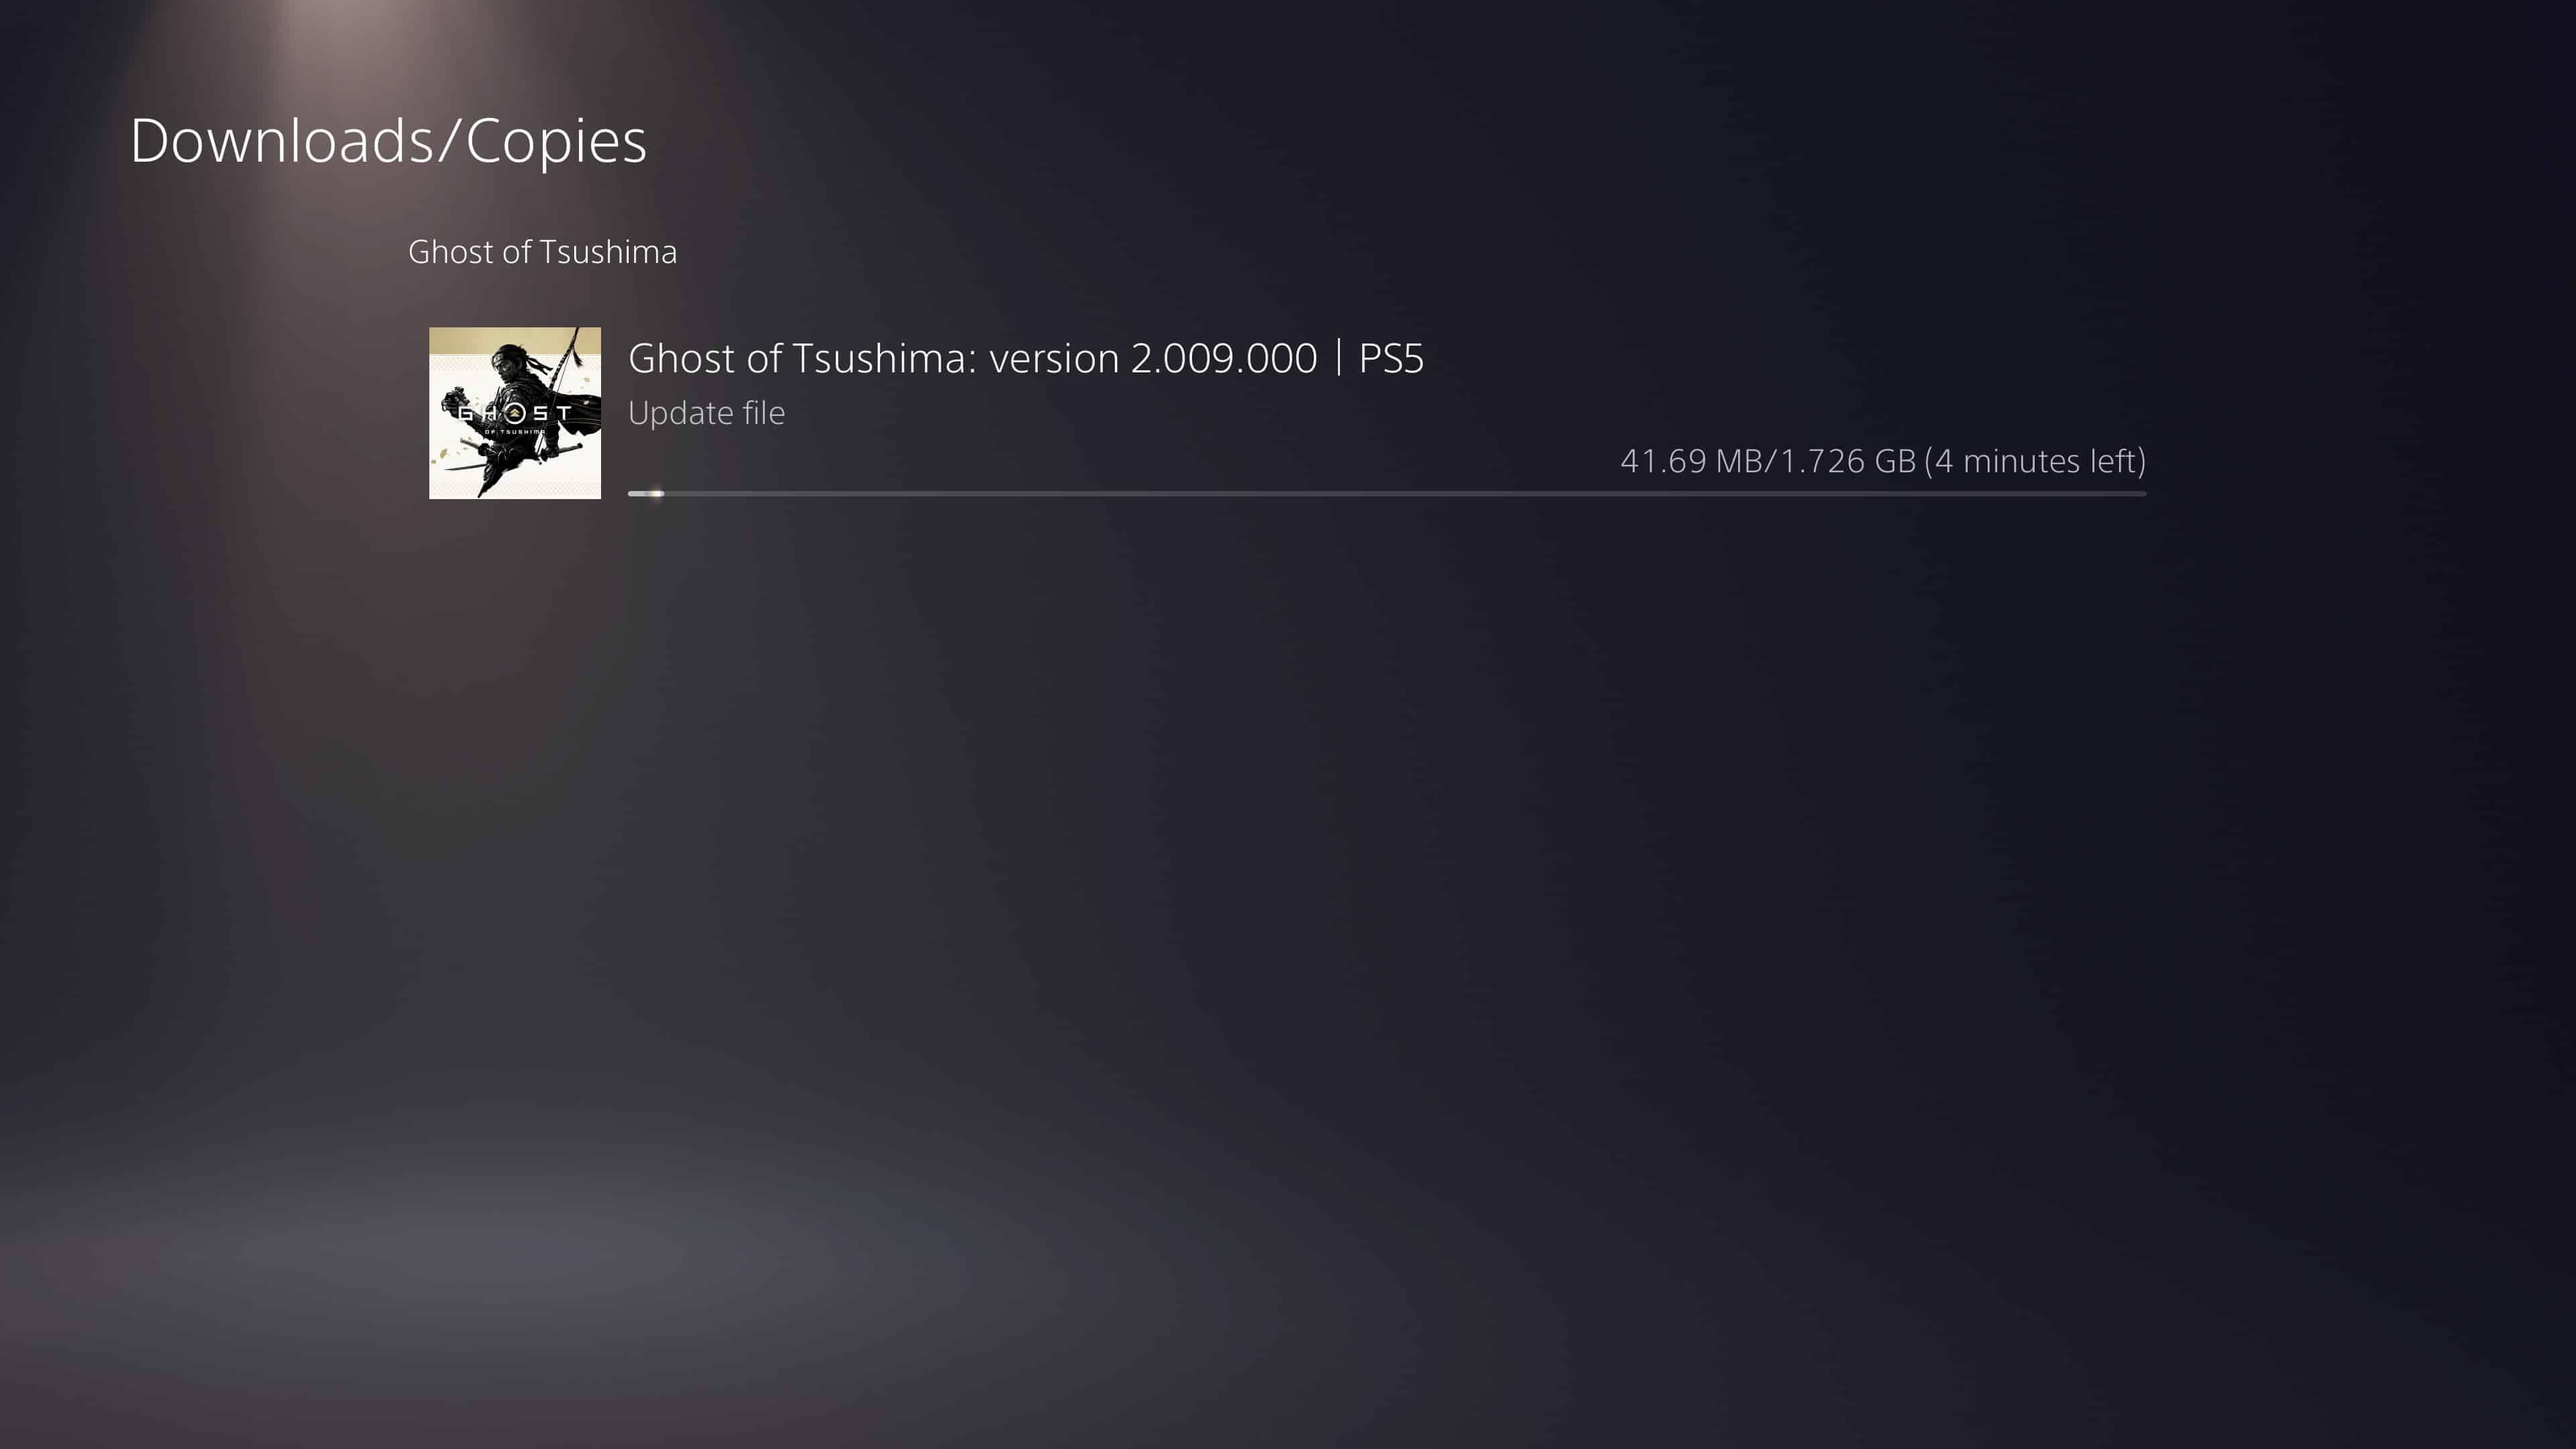 Ghost of Tsushima Update 2.09